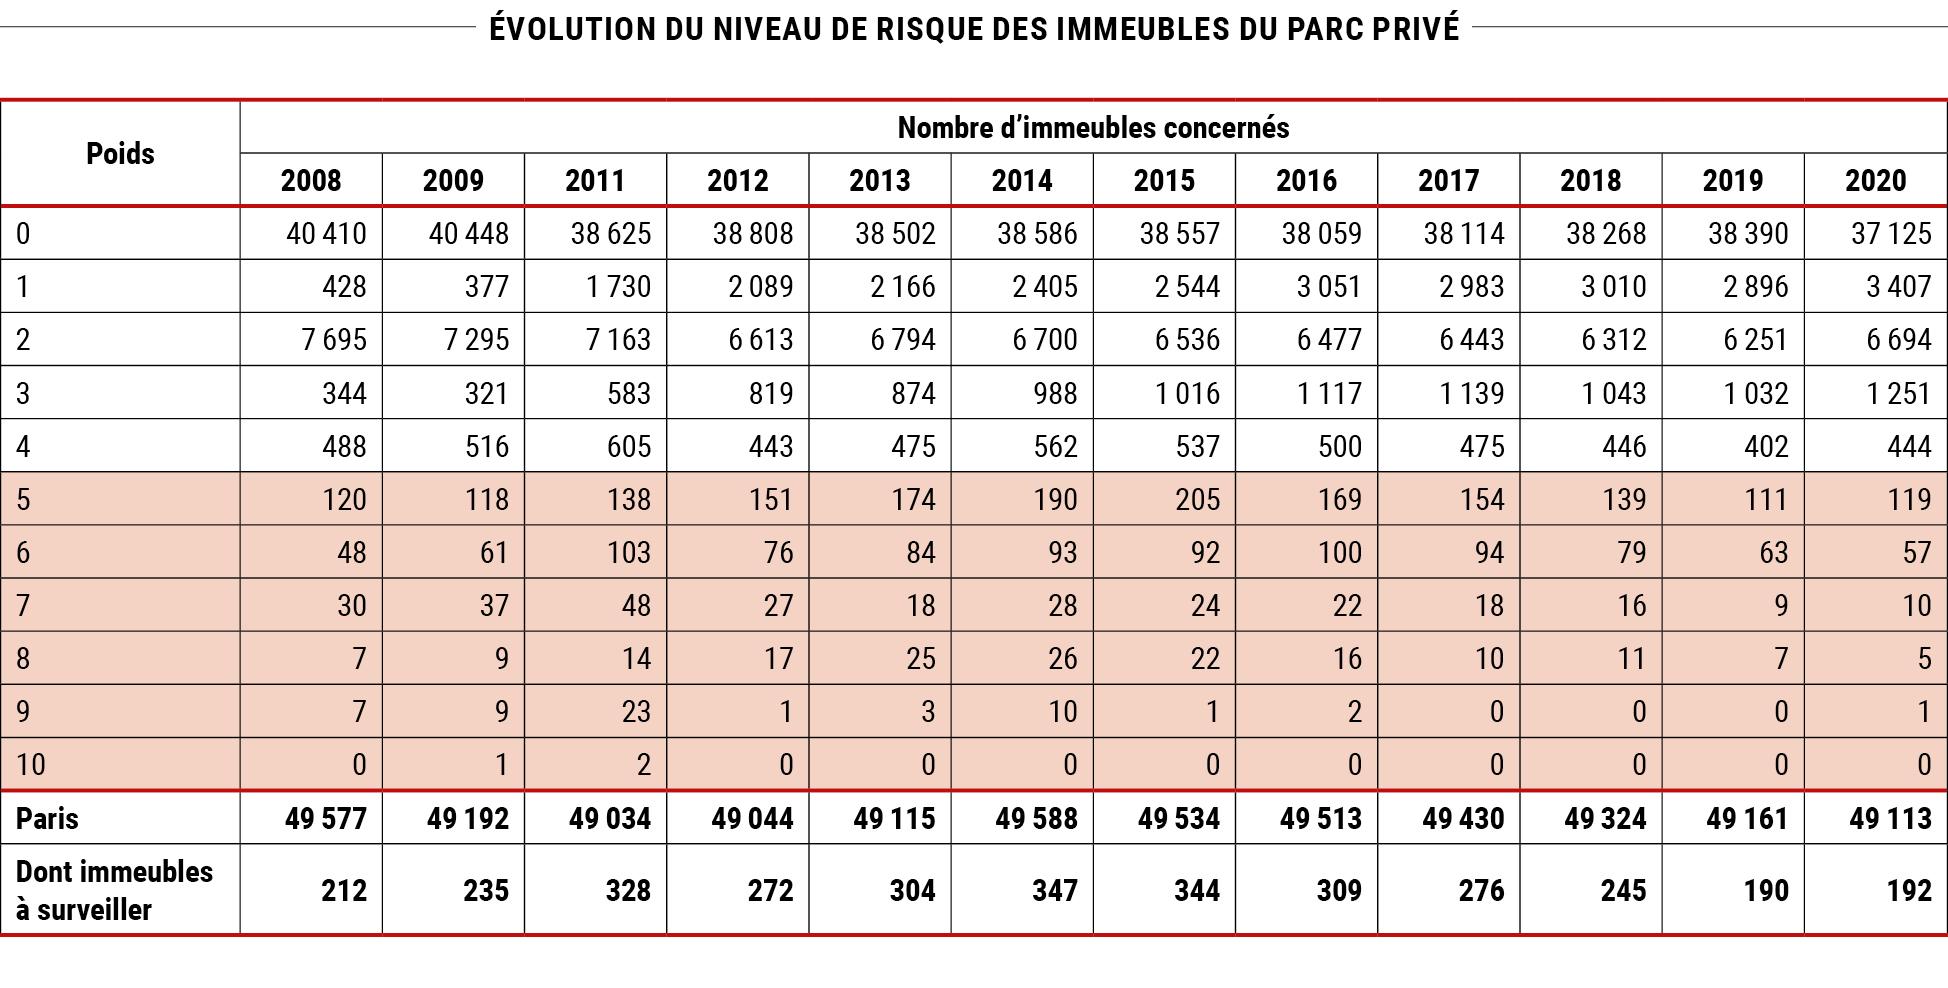 Évolution du niveau de risque des immeubles du parc privé à Paris © Apur